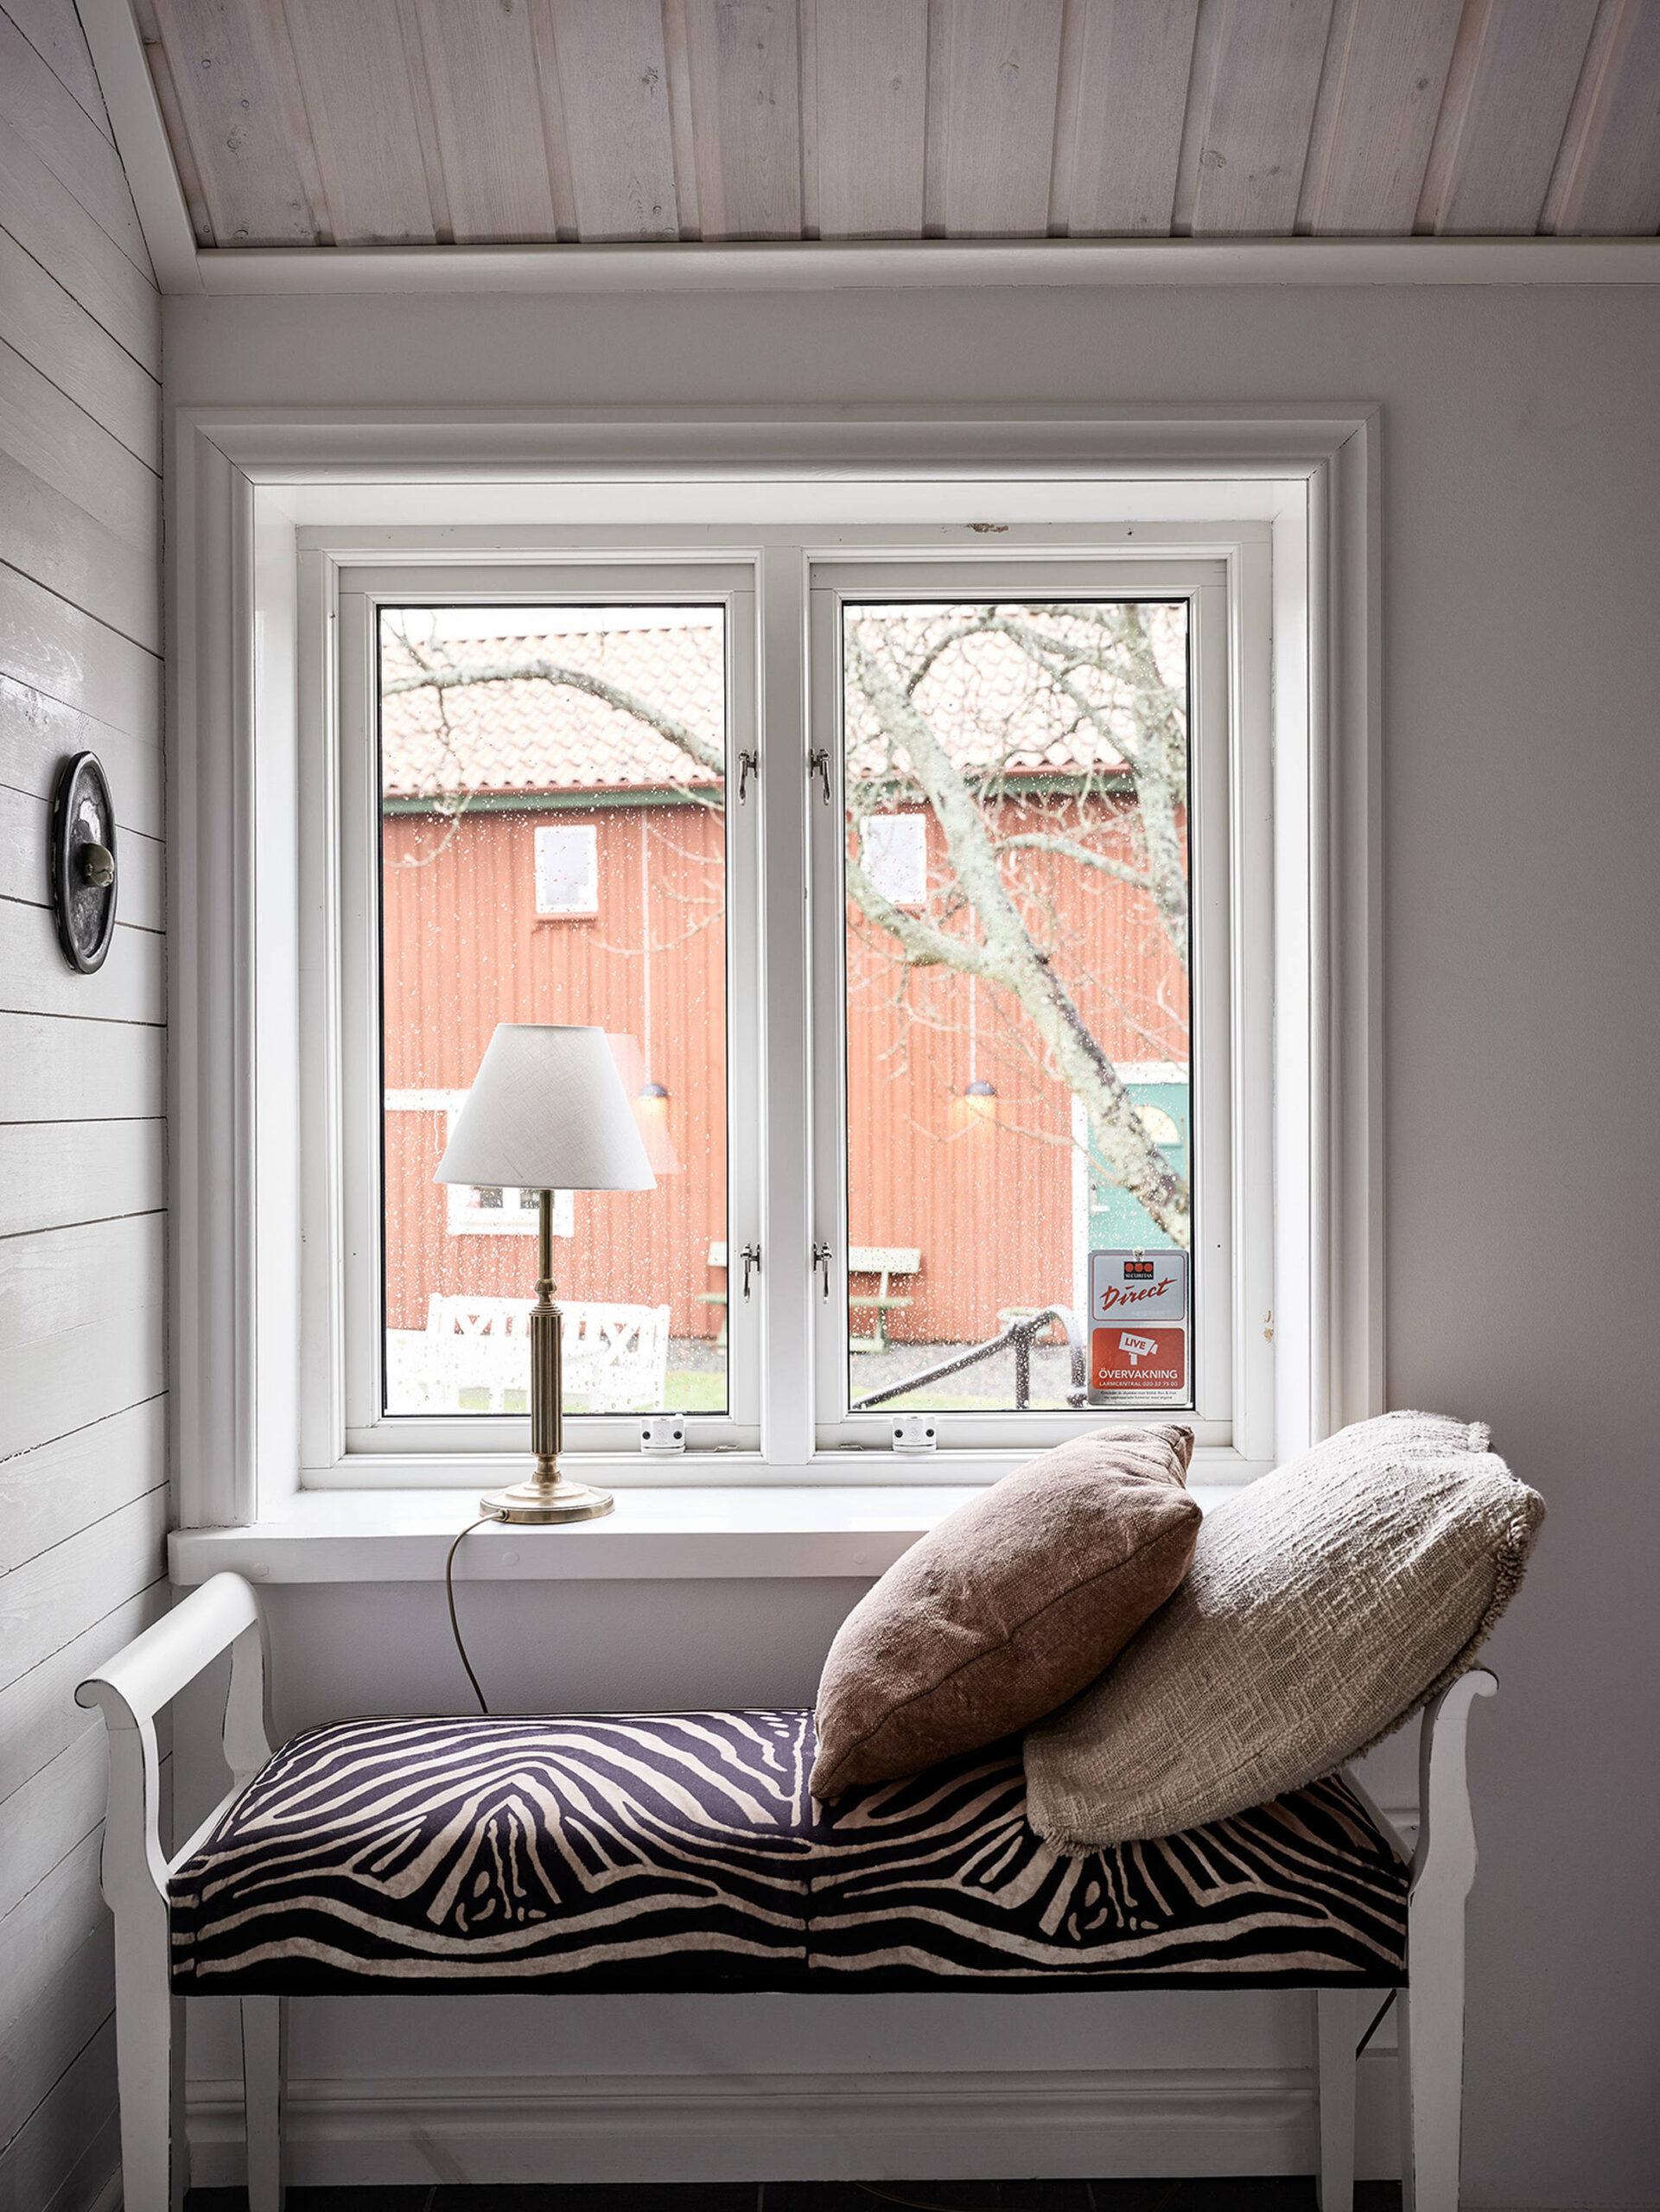 Tavan înclinat și decor rusti scandinav într o casă din Suedia 17